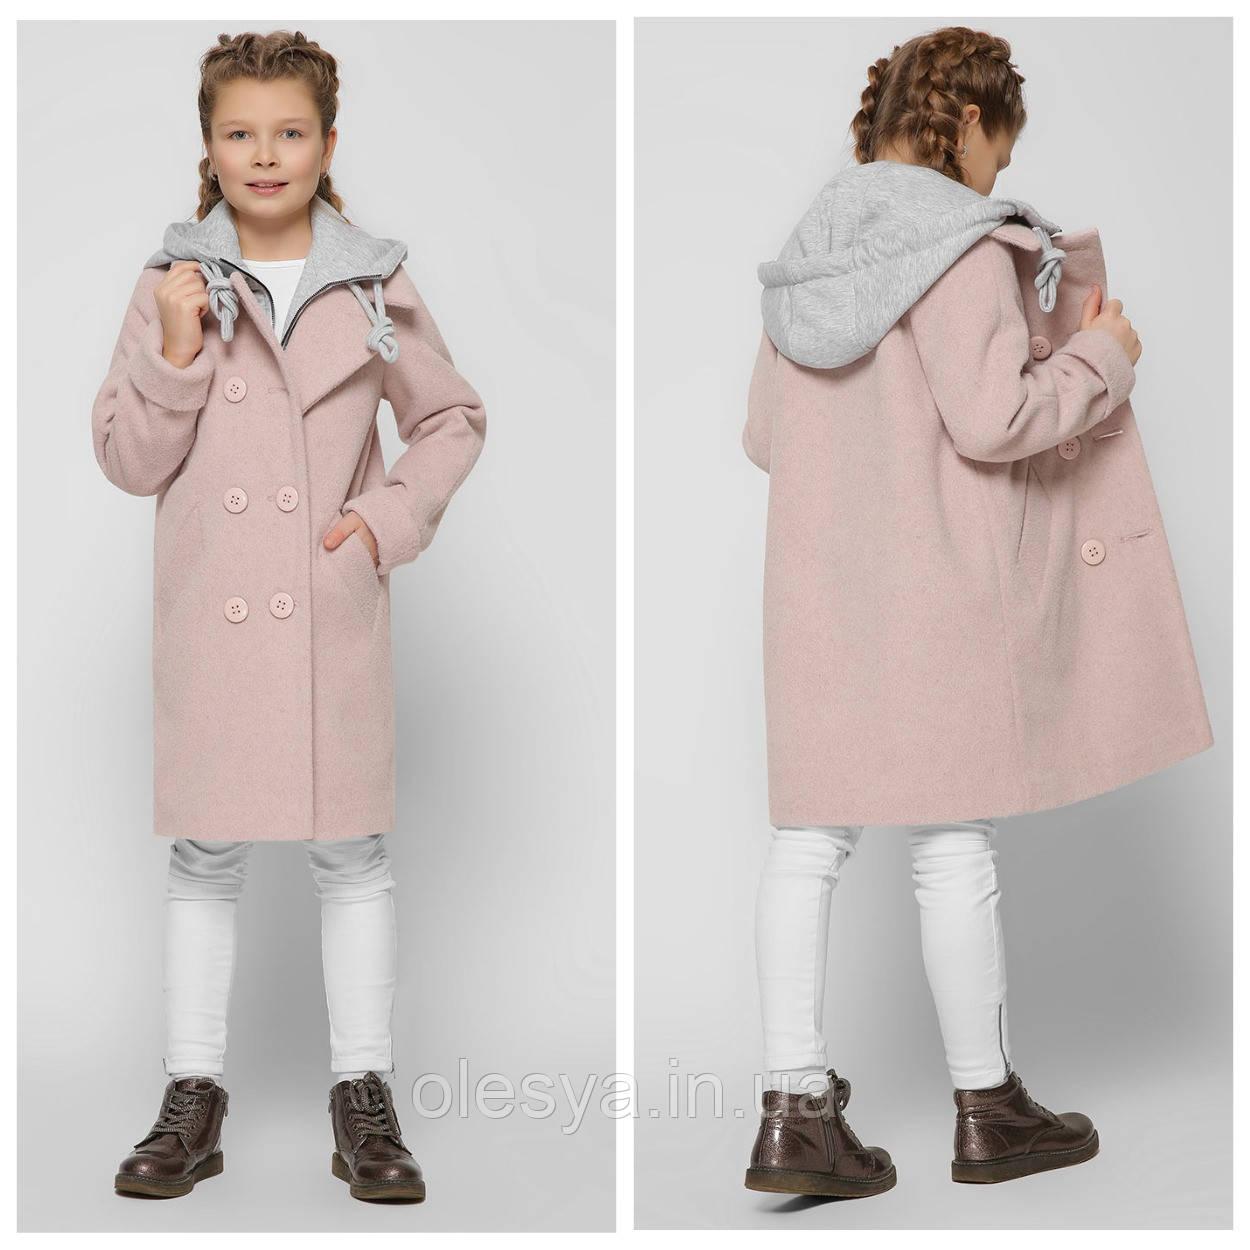 Модное Демисезонное пальто для девочки ТМ X-Woyz 8311 Размеры 32 34